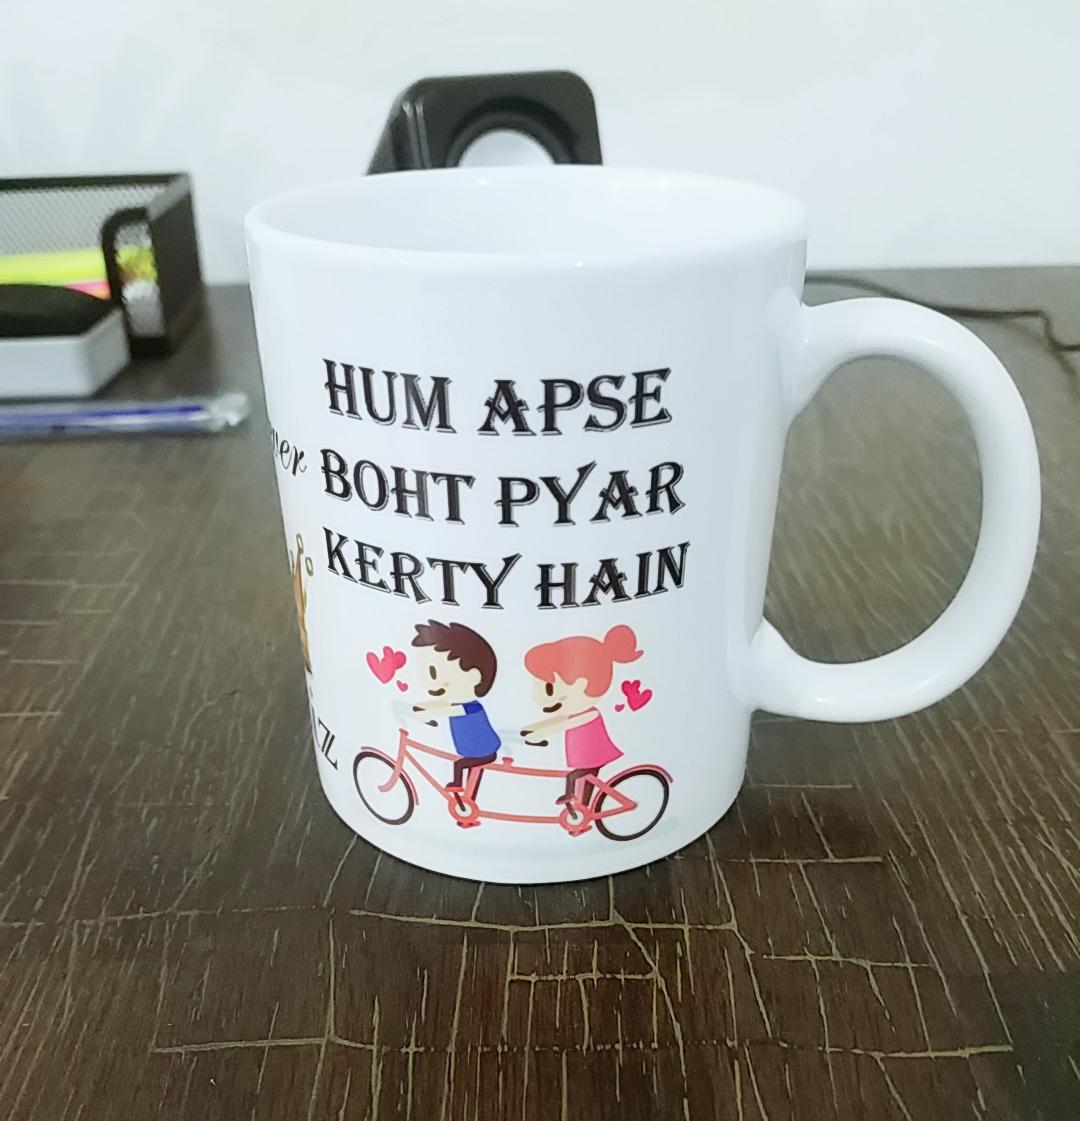 Hum Apse Bohat Pyar kerty hain Mug - SendFlowers.pk